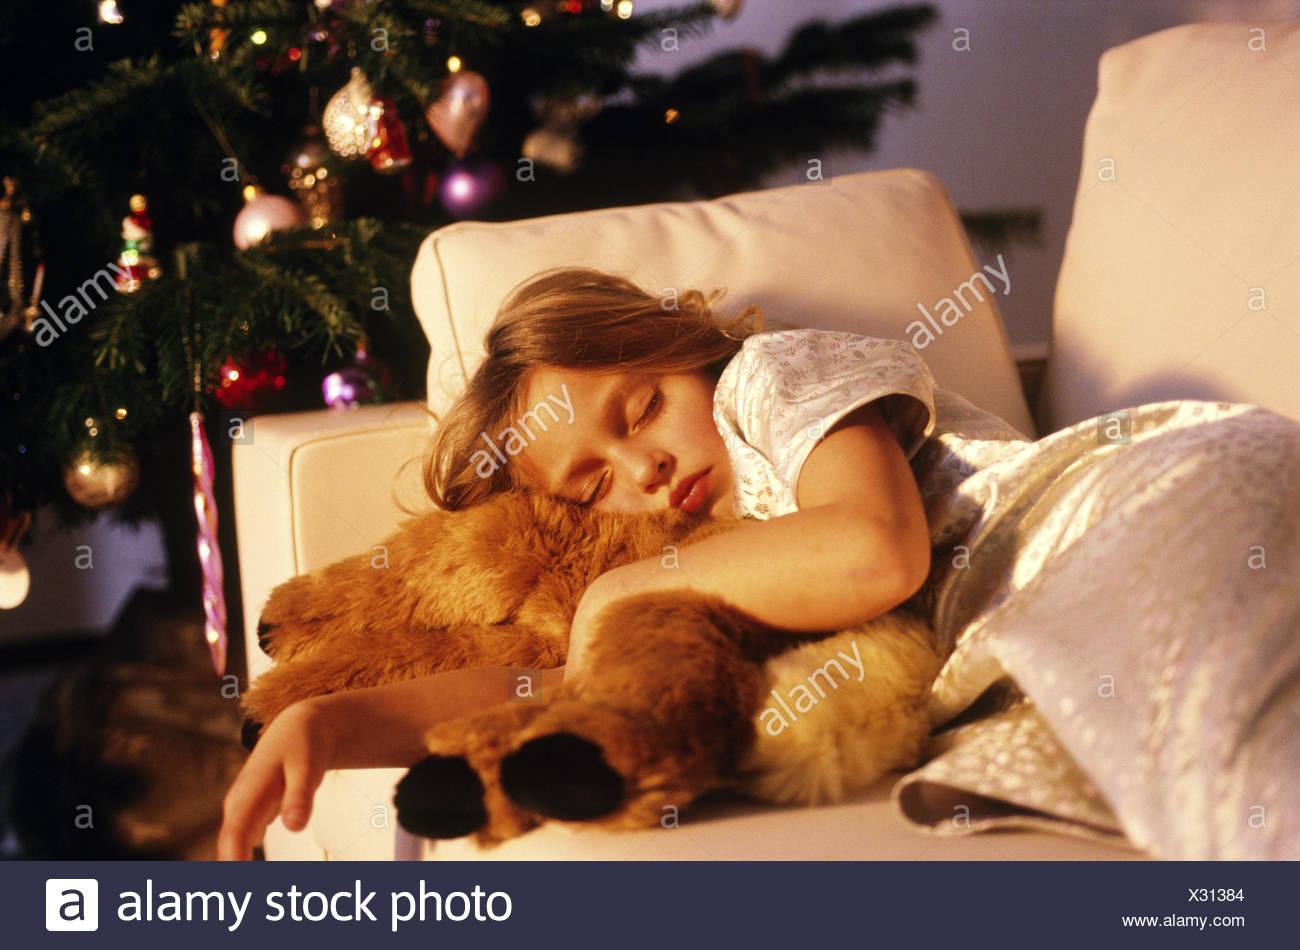 Young girl sleeping at Christmastime - Stock Image